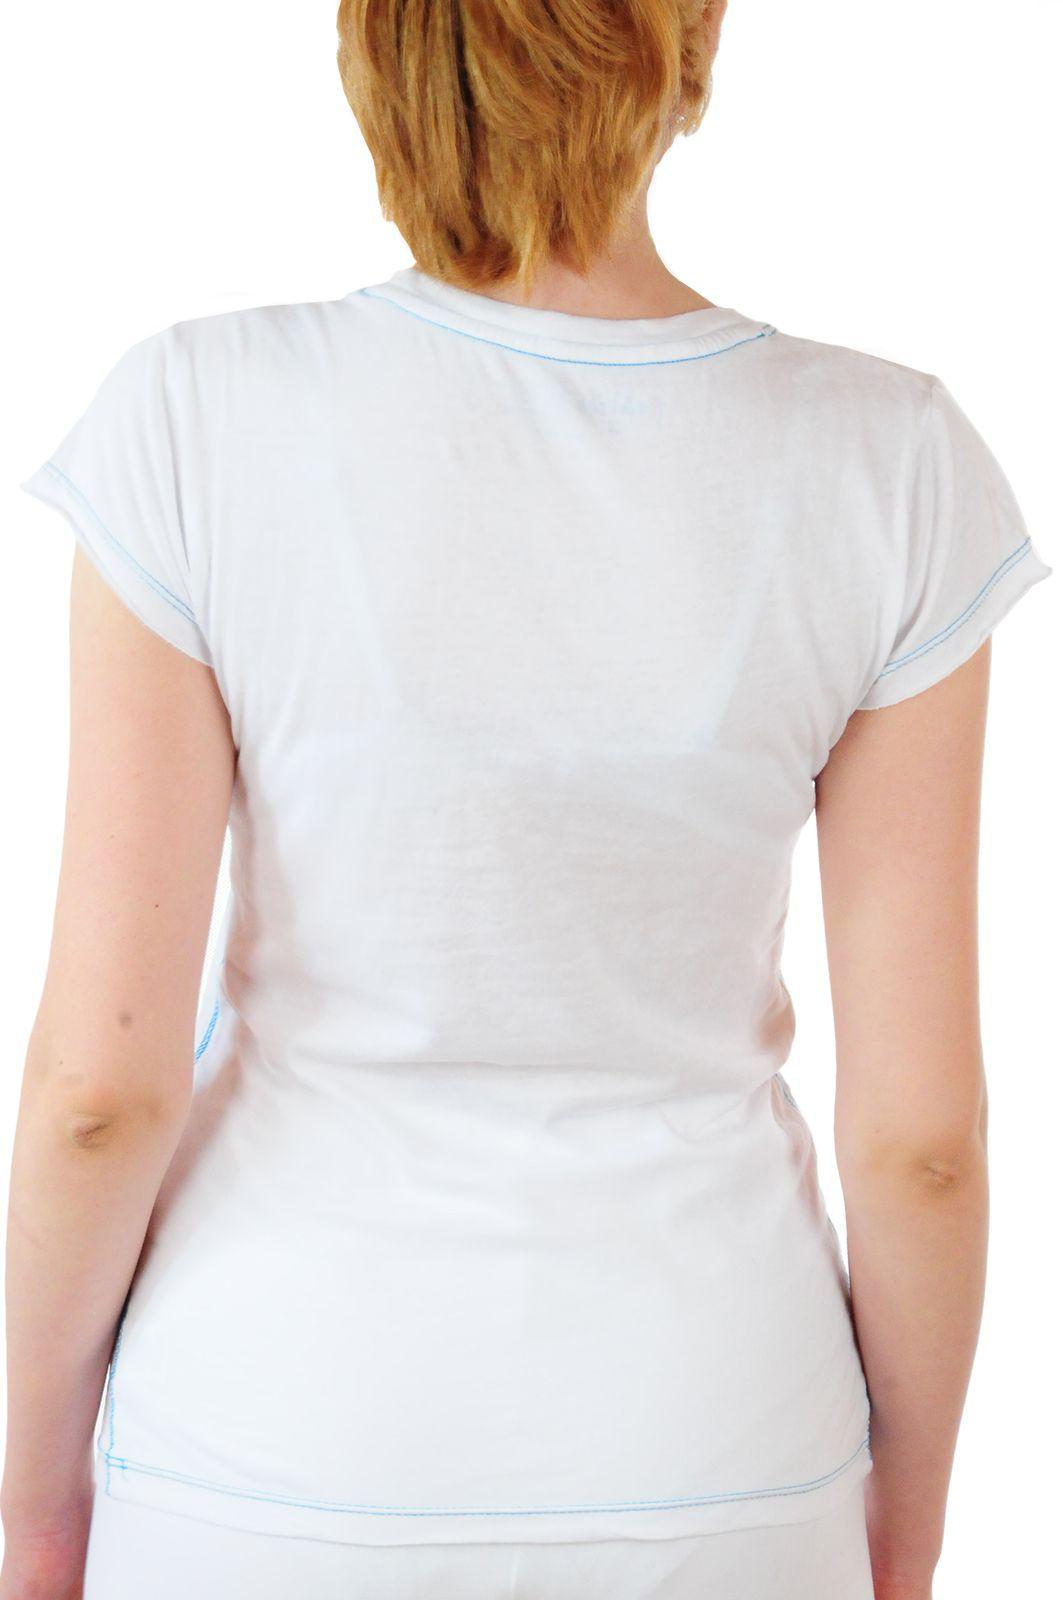 Летняя женская футболка от Hard Rock® - вид сзади